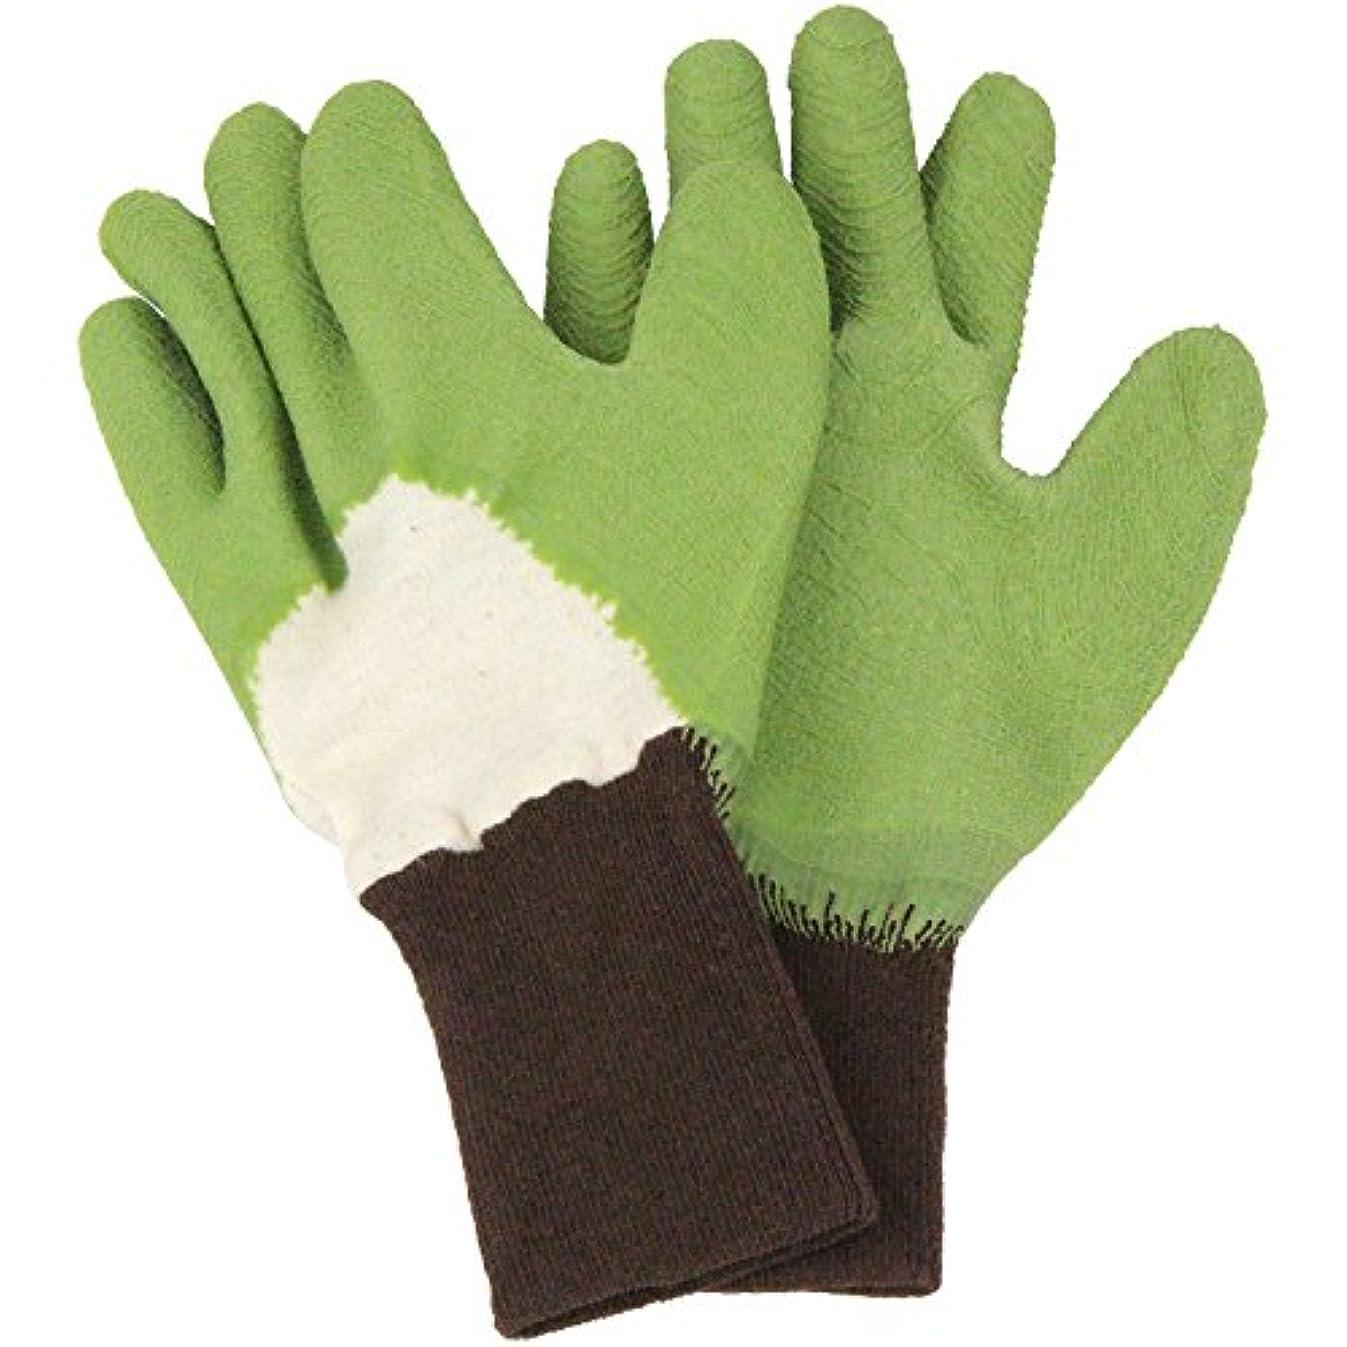 証明する弱いヘルパーセフティー3 トゲがささりにくい手袋 グリーン S